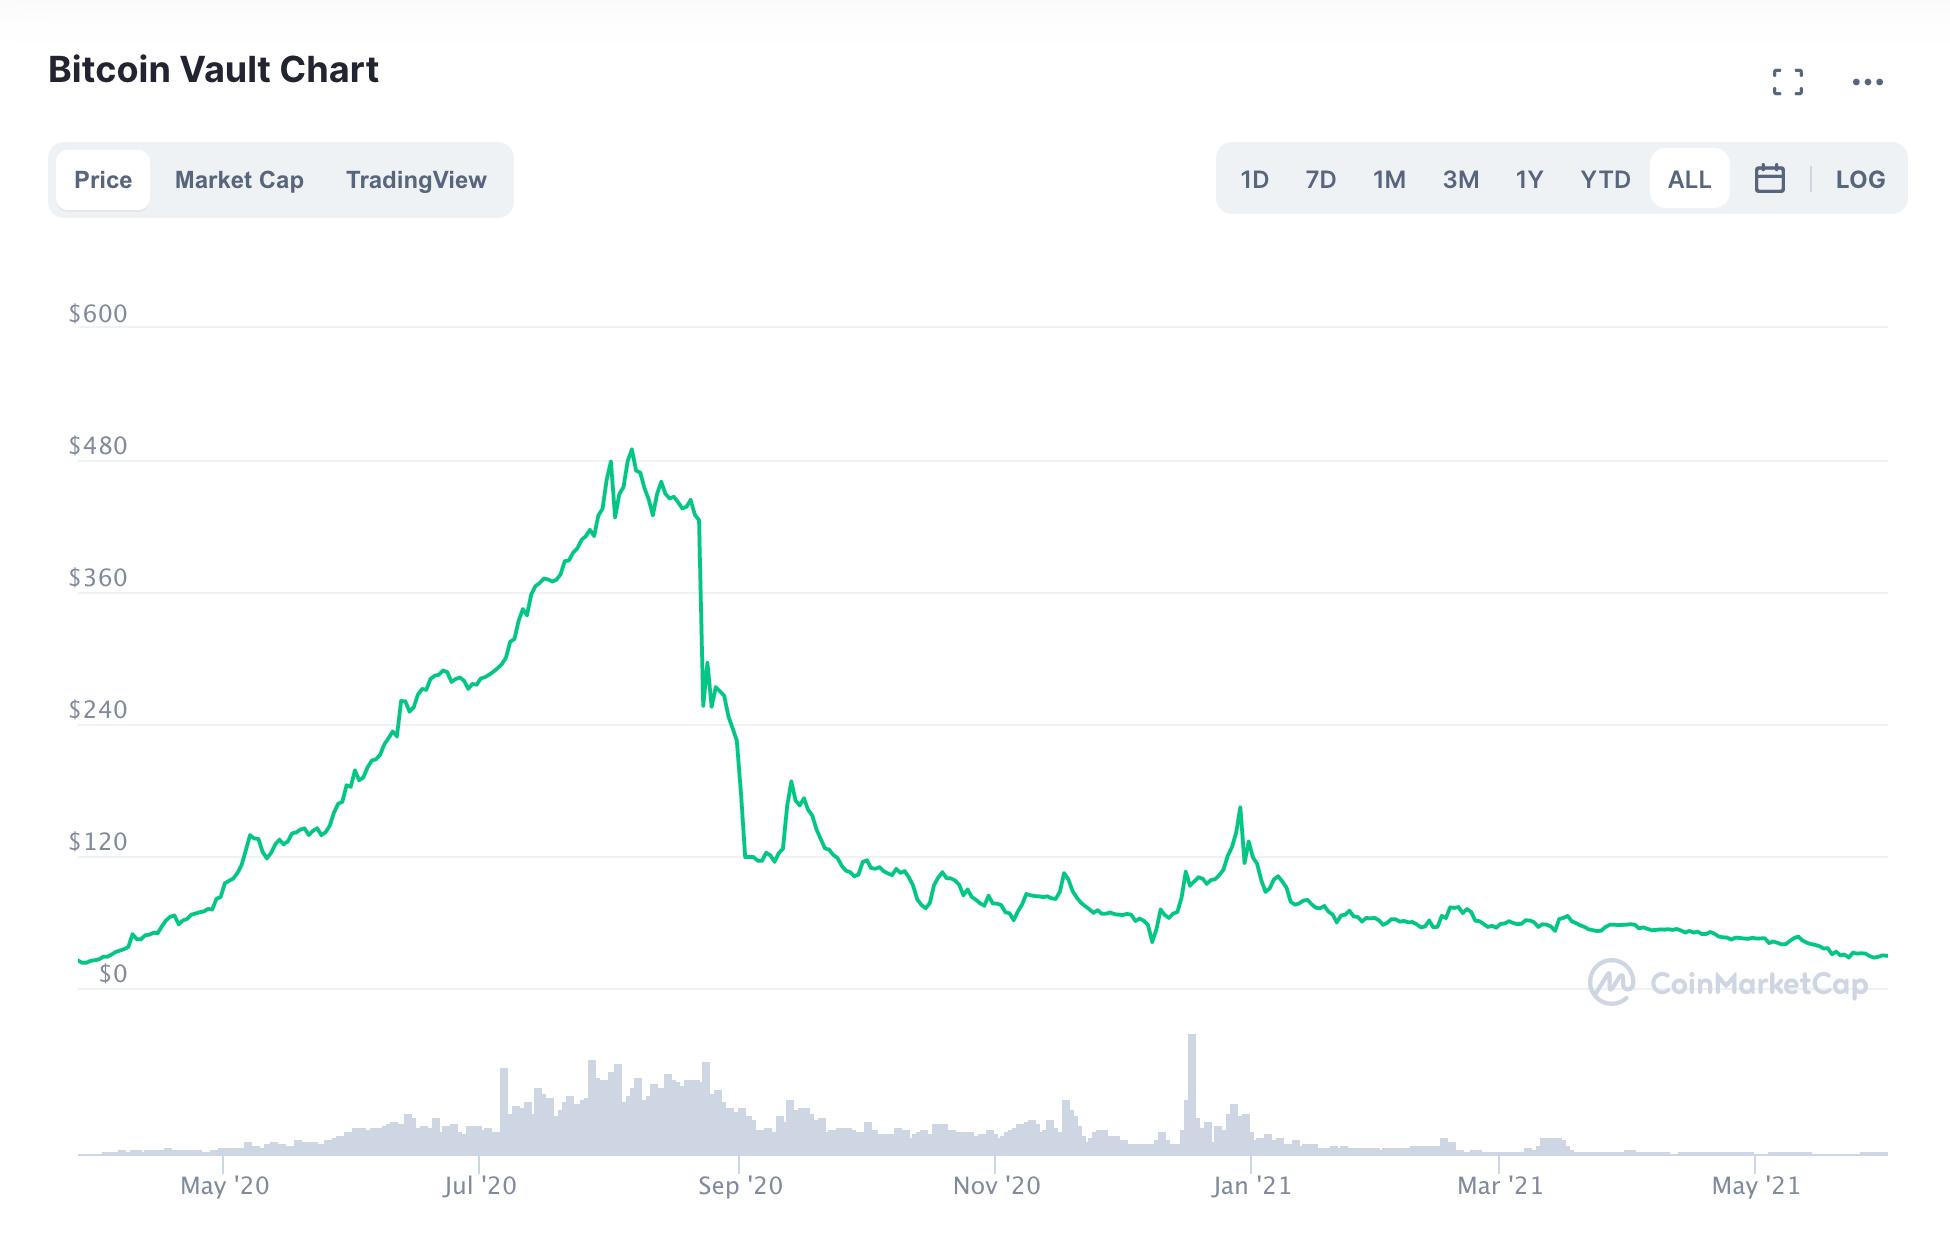 Gráfica de cotización de Bitcoin Vault desde su inicio